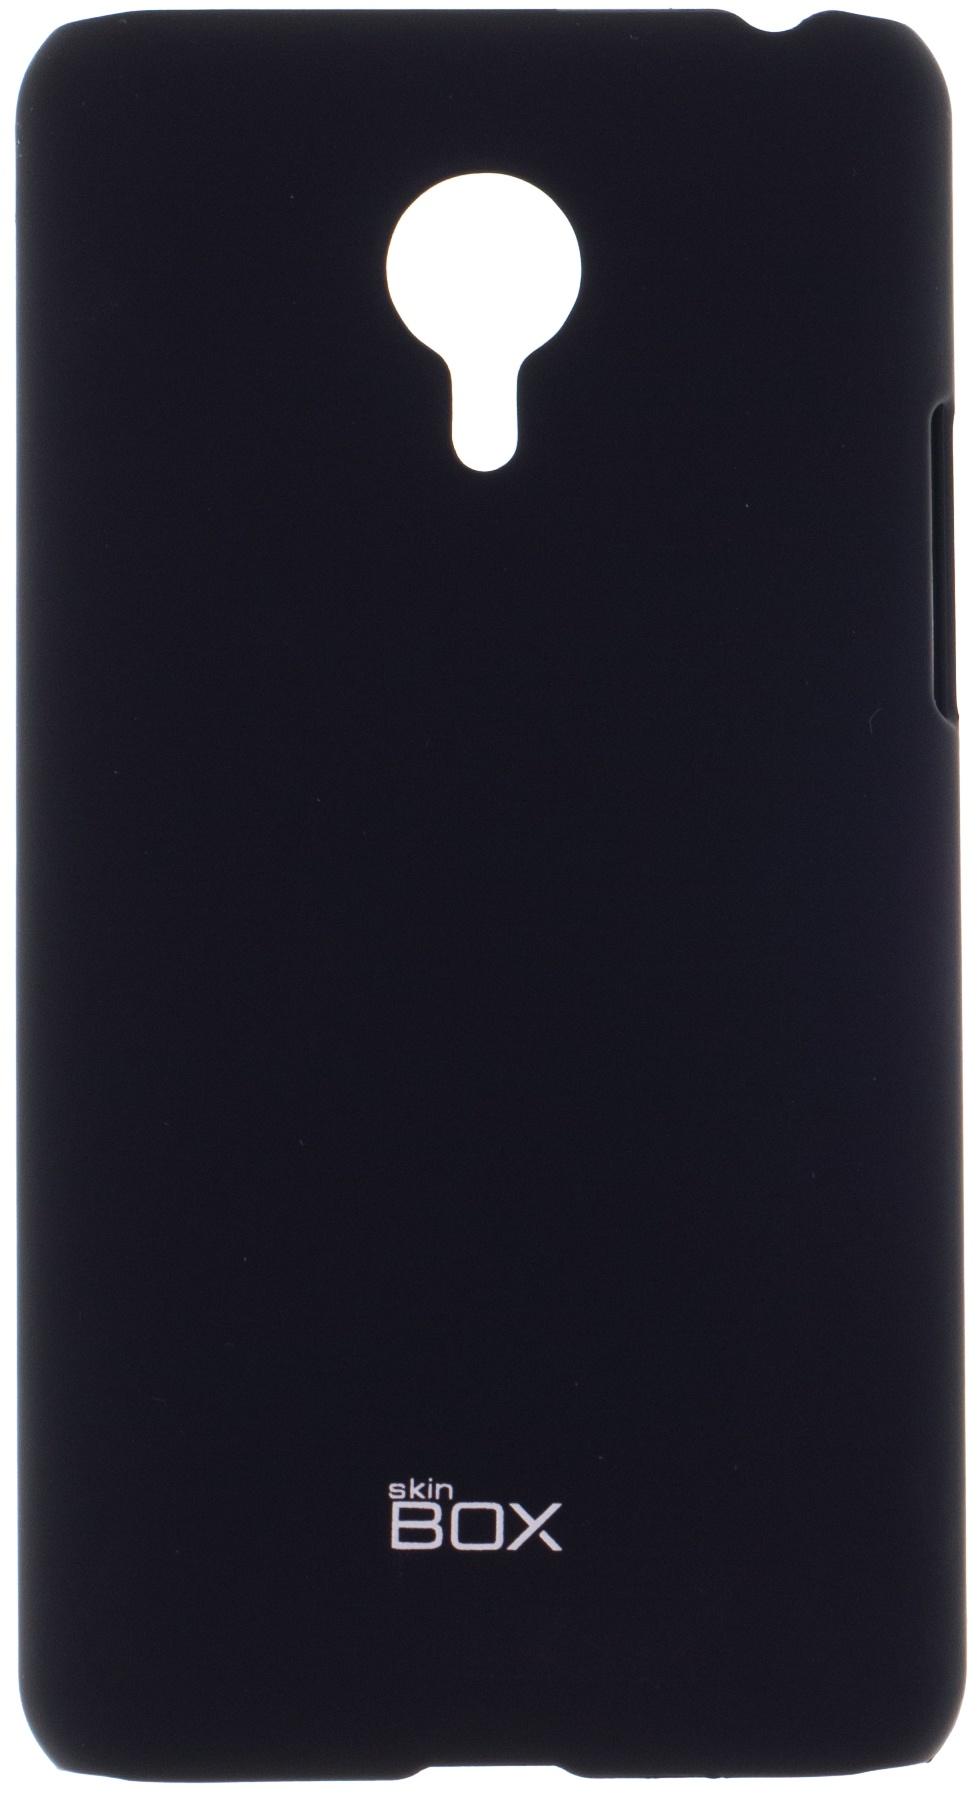 Накладка skinBOX для Meizu MX4 Pro черный телефон meizu pro 5 64gb серебристо черный